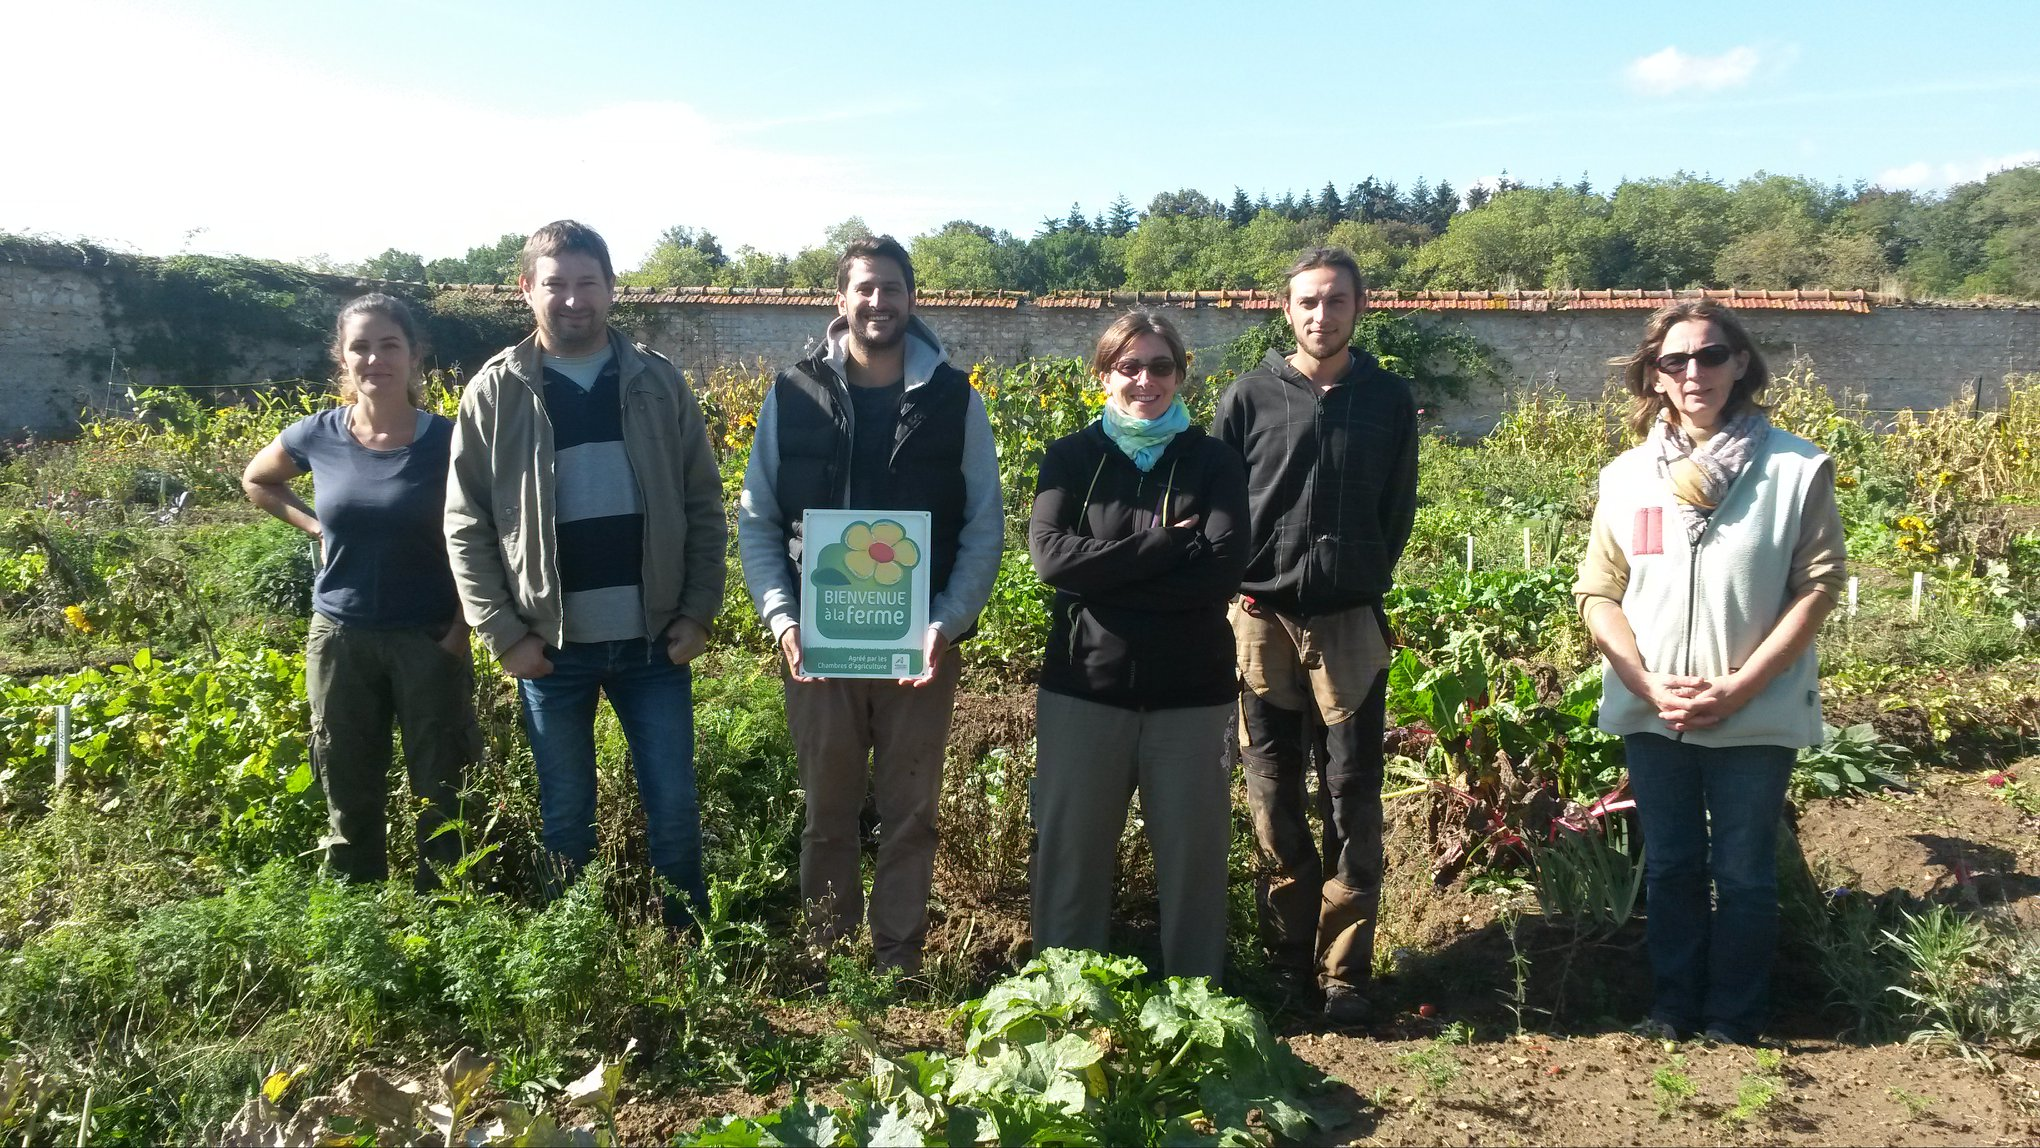 Hauts de france chambres d 39 agriculture - Chambre d agriculture 24 ...